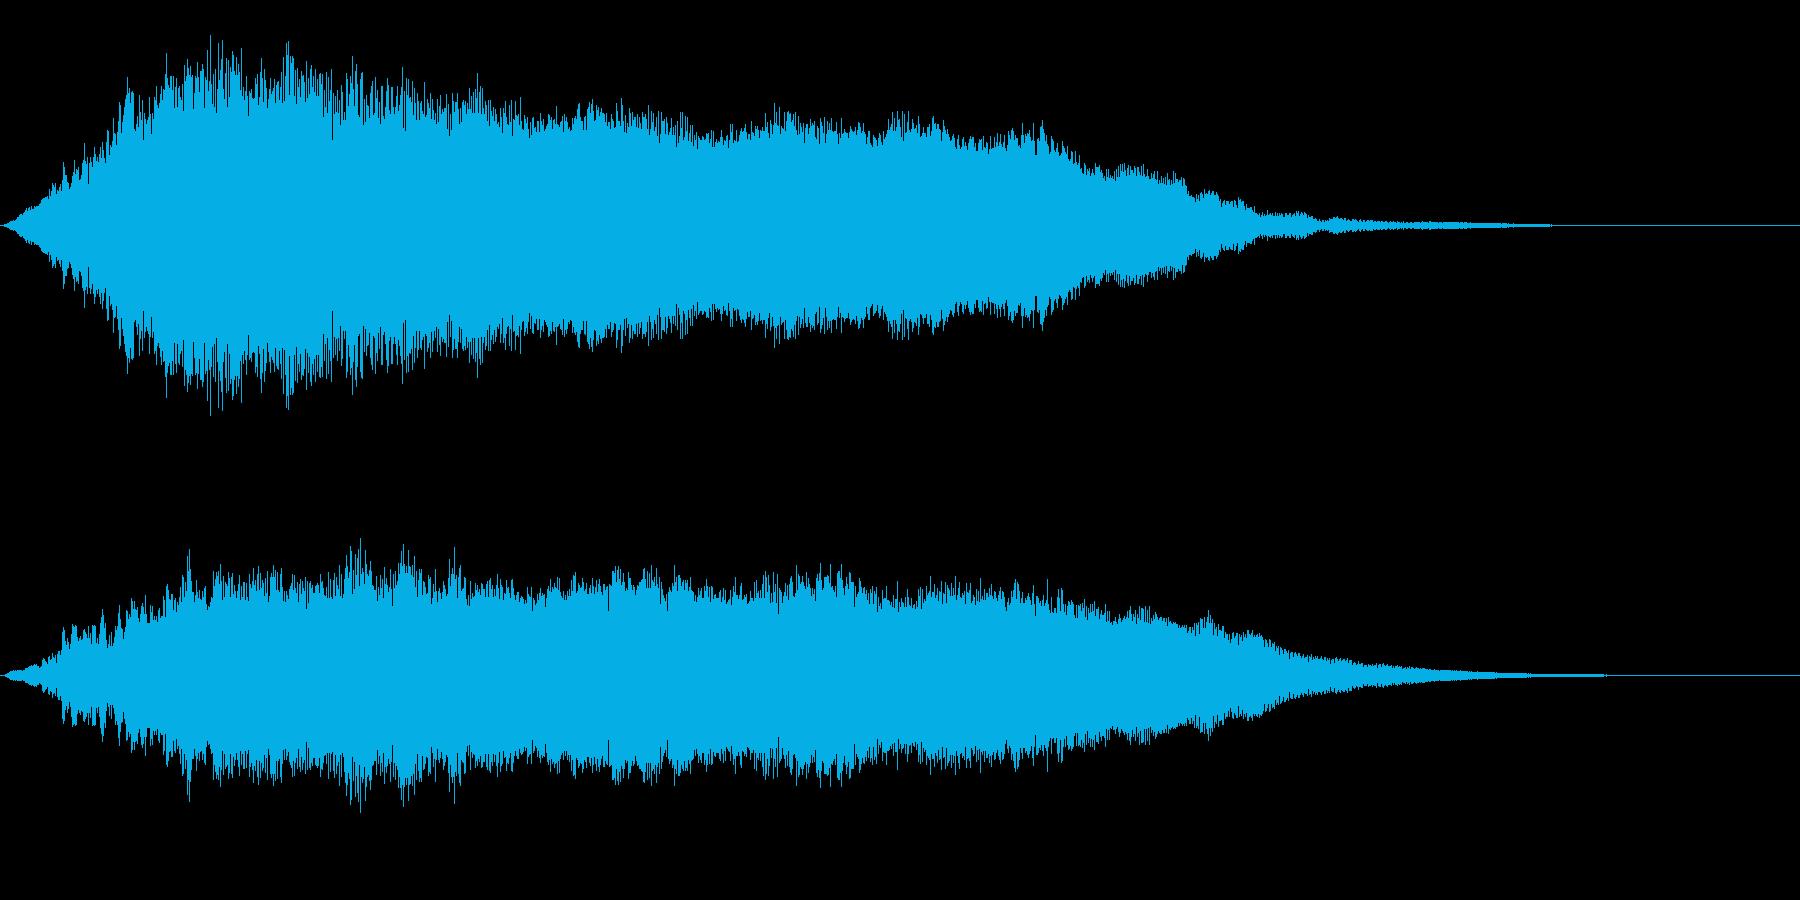 タイタニック船の内部的なサスペンスSEの再生済みの波形